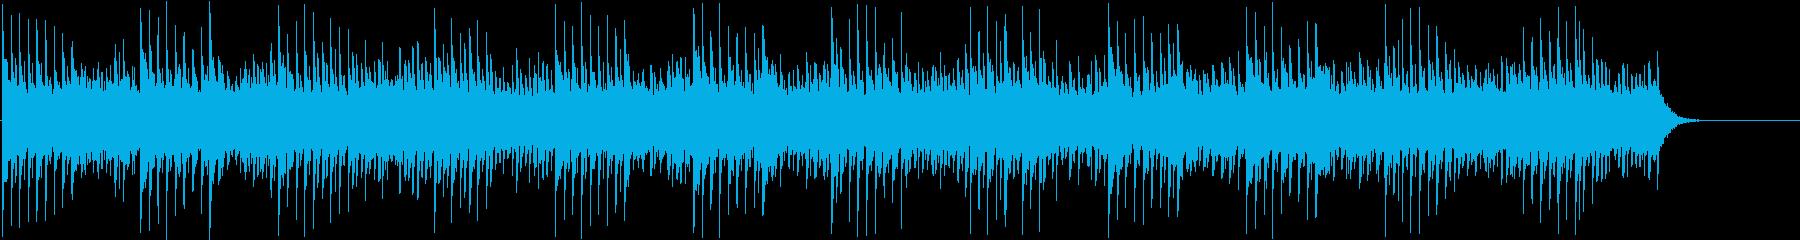 不気味なオルゴール・ベル・ホラーBGMの再生済みの波形